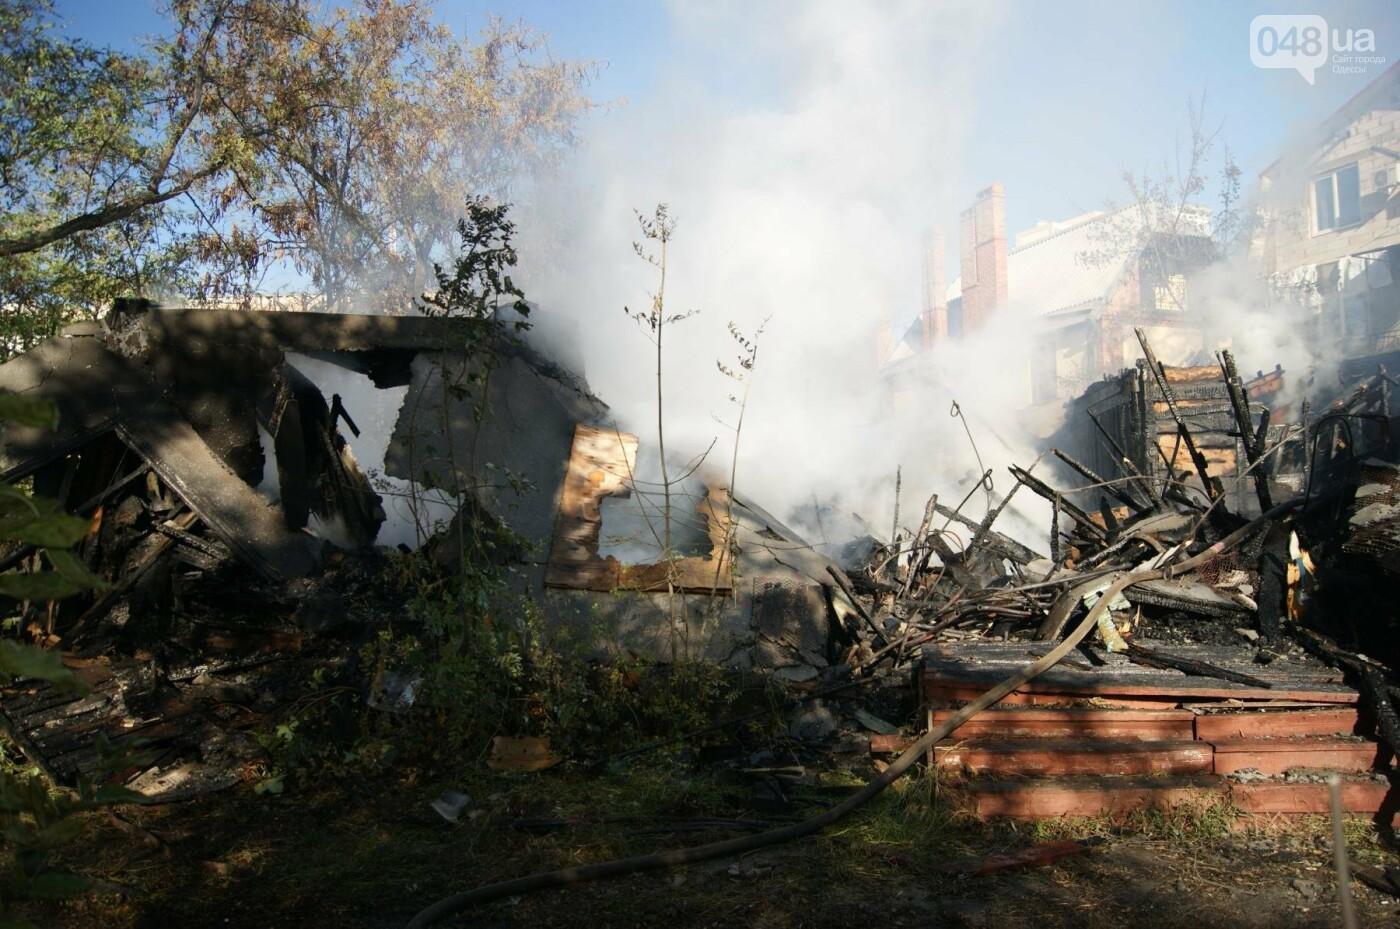 Одесский санаторий продолжает гореть до сих пор (ФОТО, ВИДЕО), фото-17